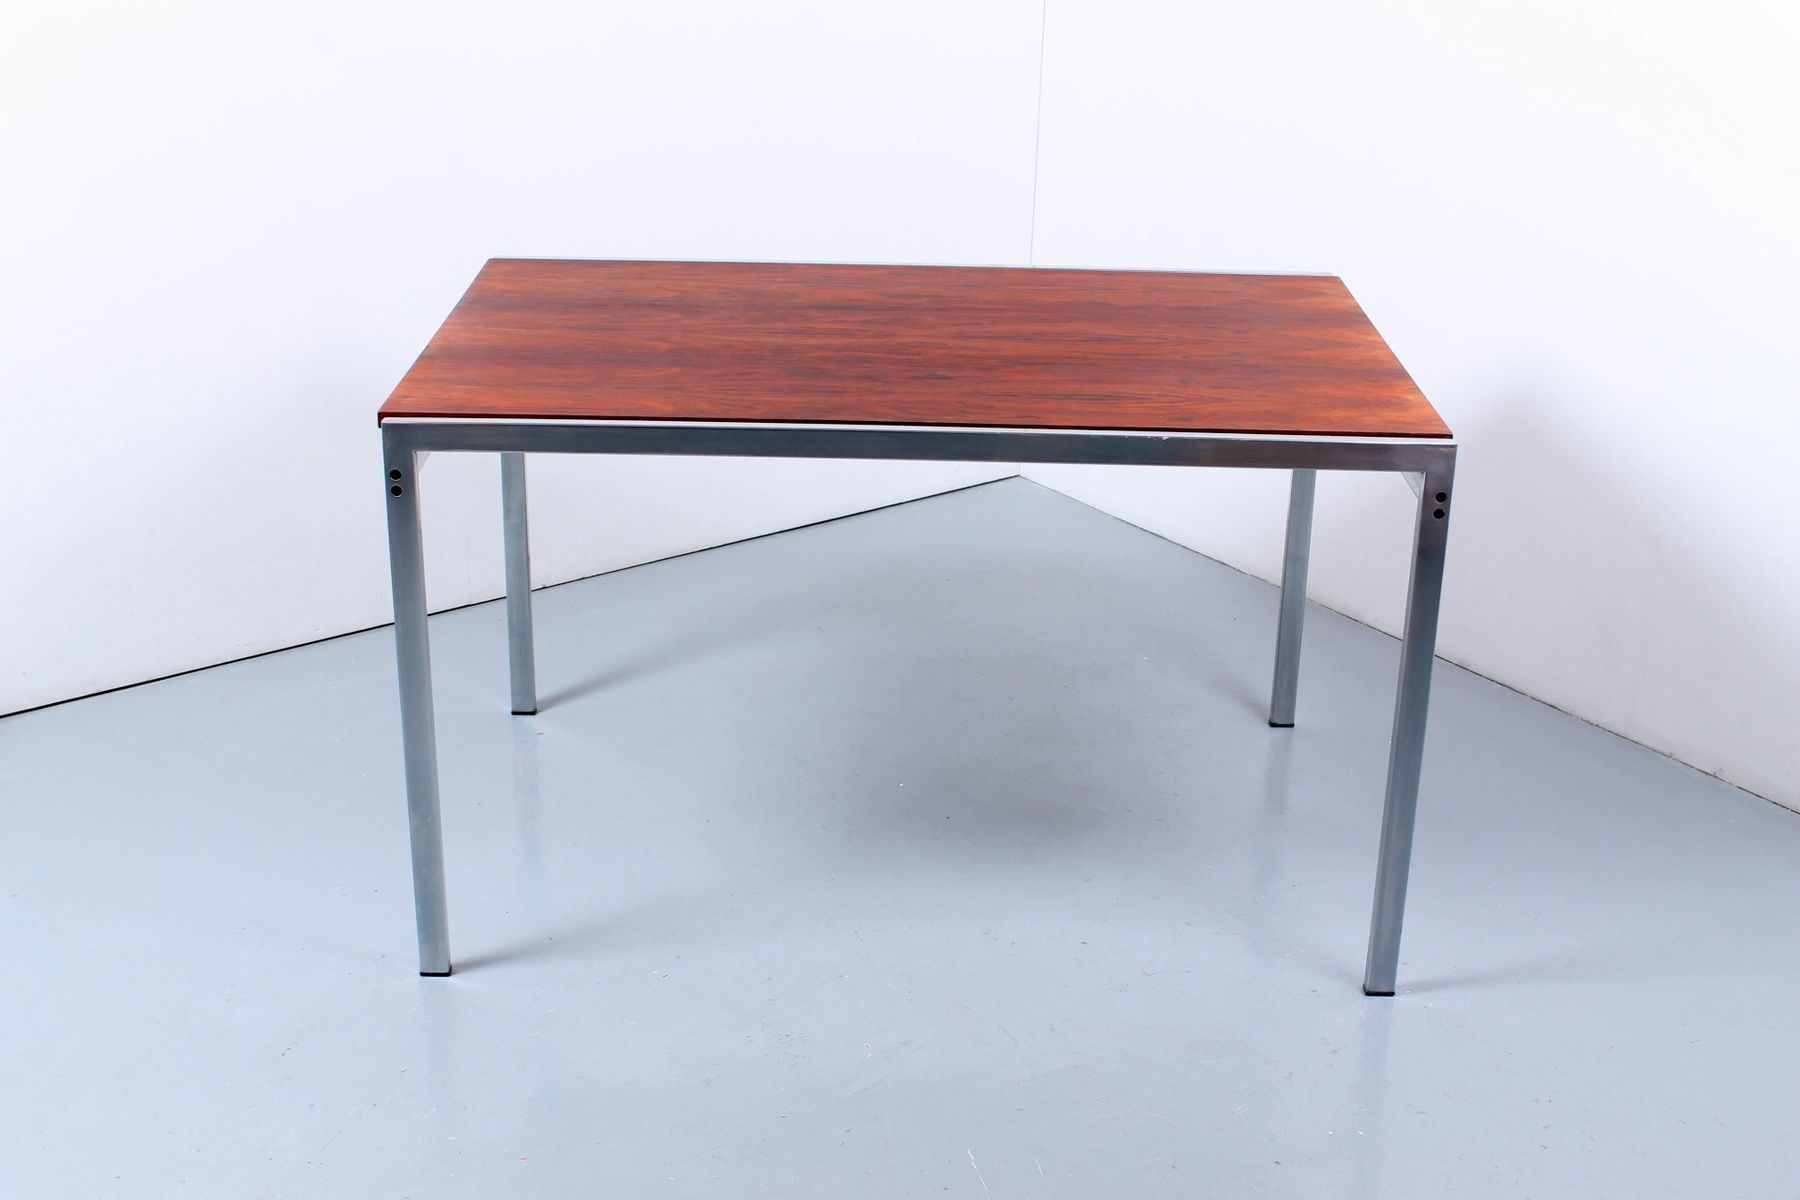 Roller Tischgruppe Tischgruppe DorisWohnzimmertisch Buche DorisWohnzimmertisch Buche Massivholz Massivholz Roller Roller Tischgruppe DorisWohnzimmertisch CxBode